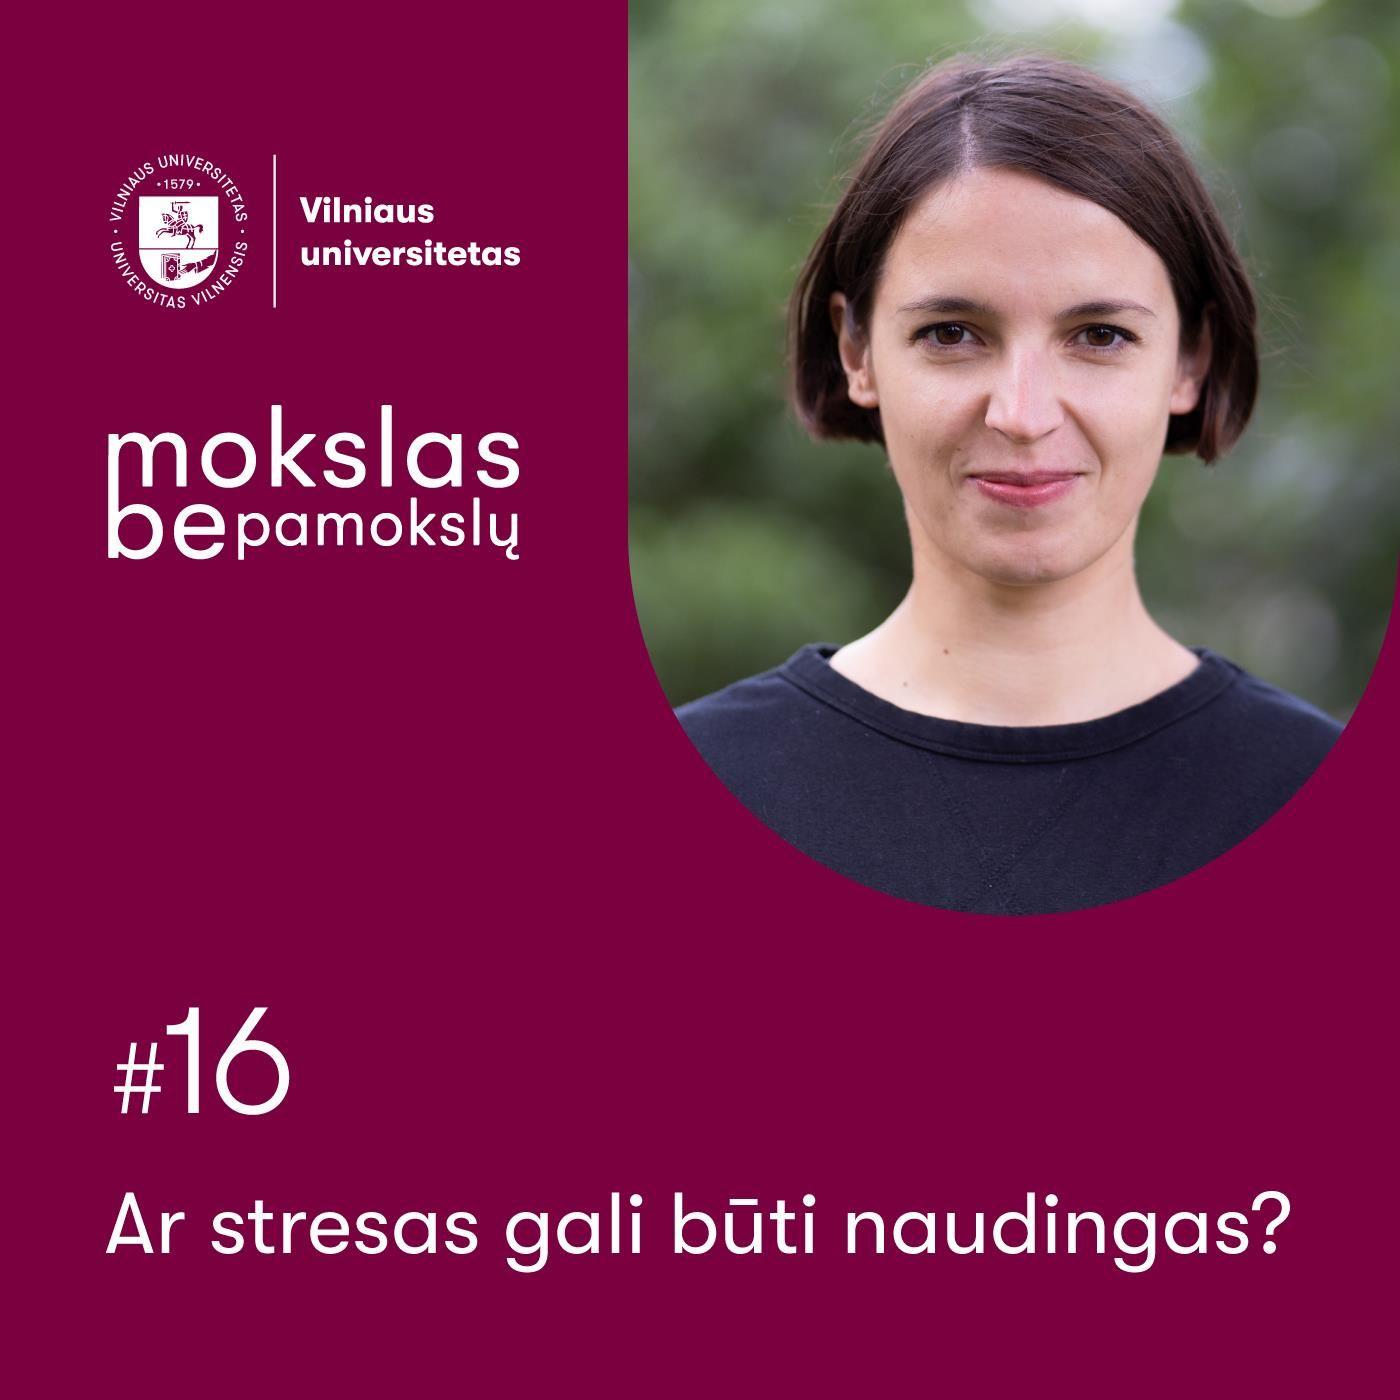 Mokslas be pamokslų. Ar stresas gali būti naudingas?